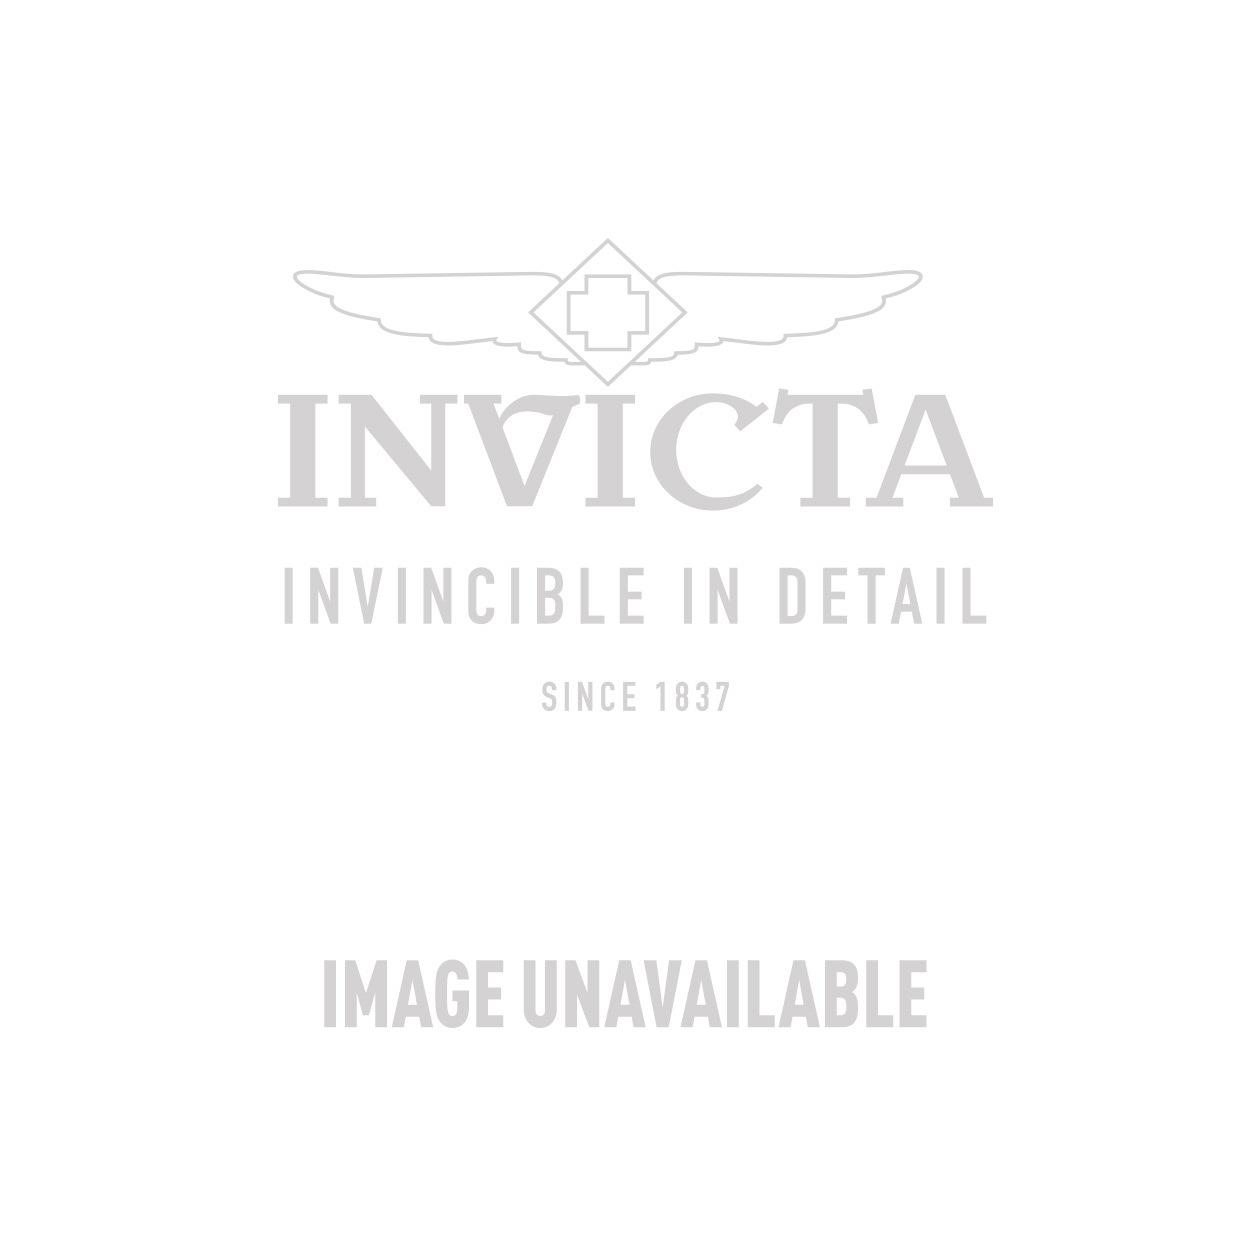 Invicta Model  25383